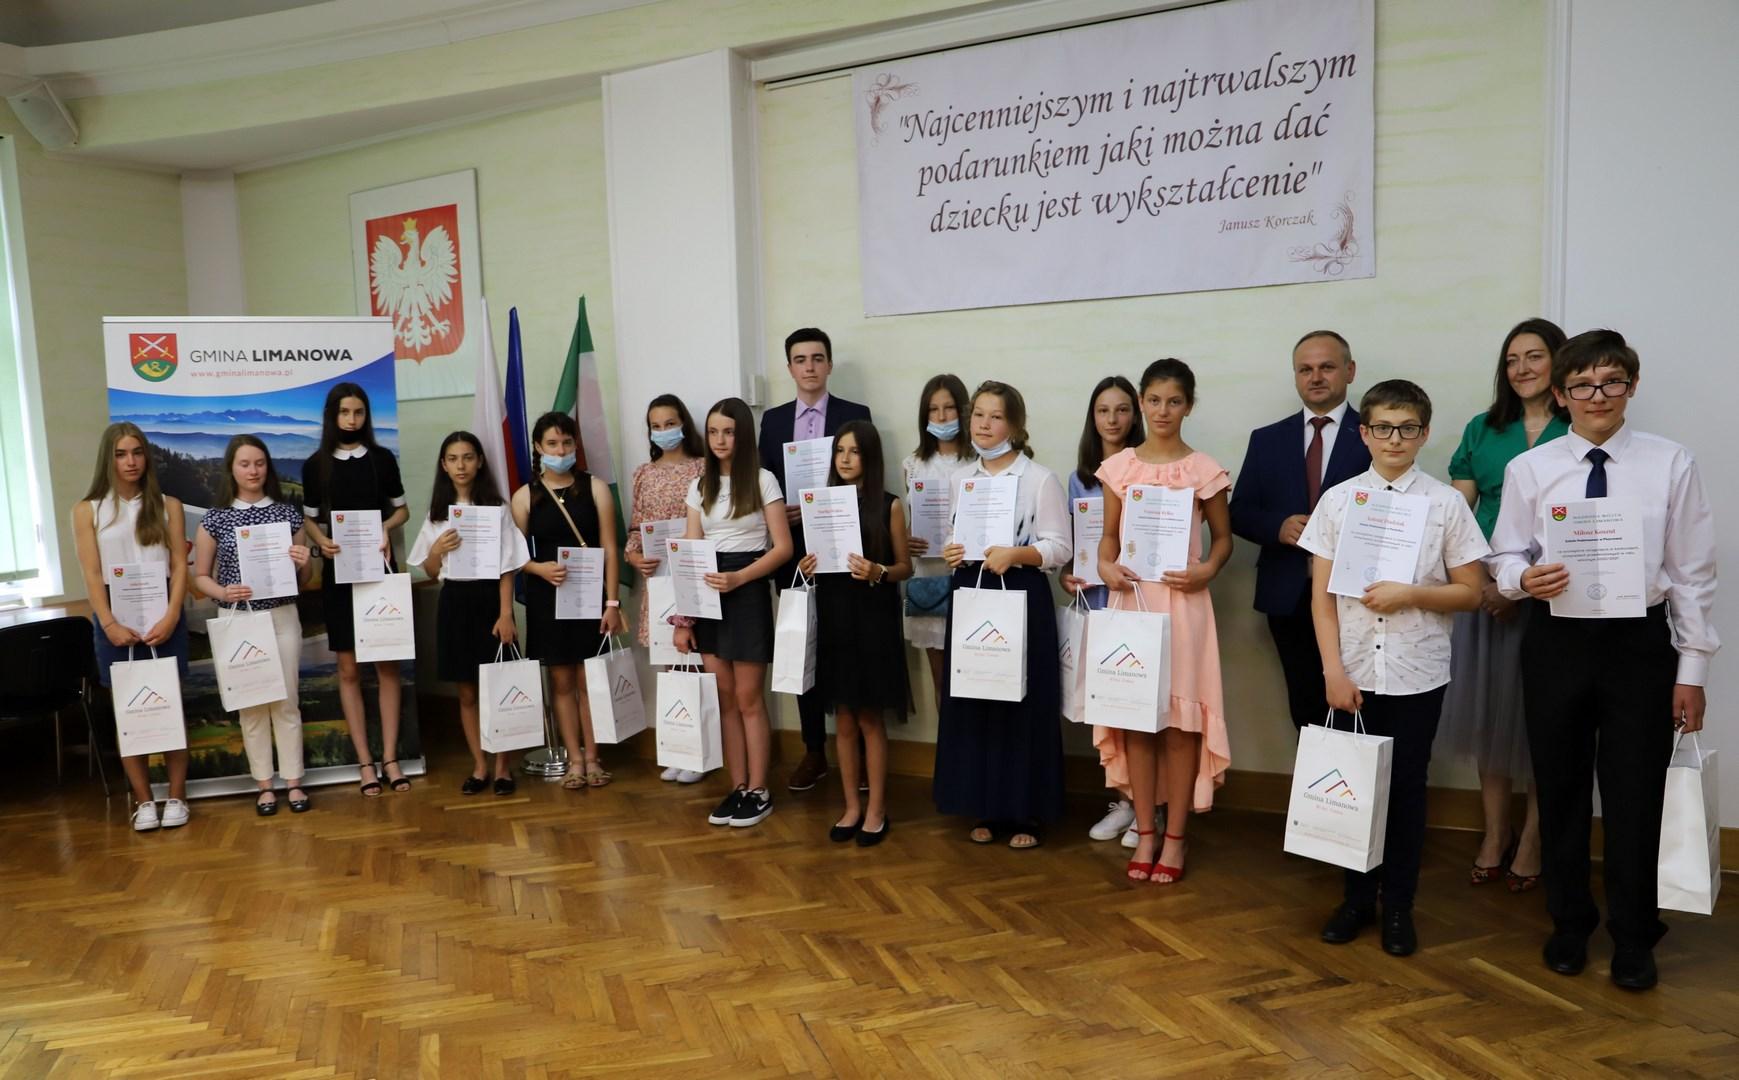 Nagrodzono najlepszych uczniów w roku szkolnym 2020/2021 - zdjęcie główne